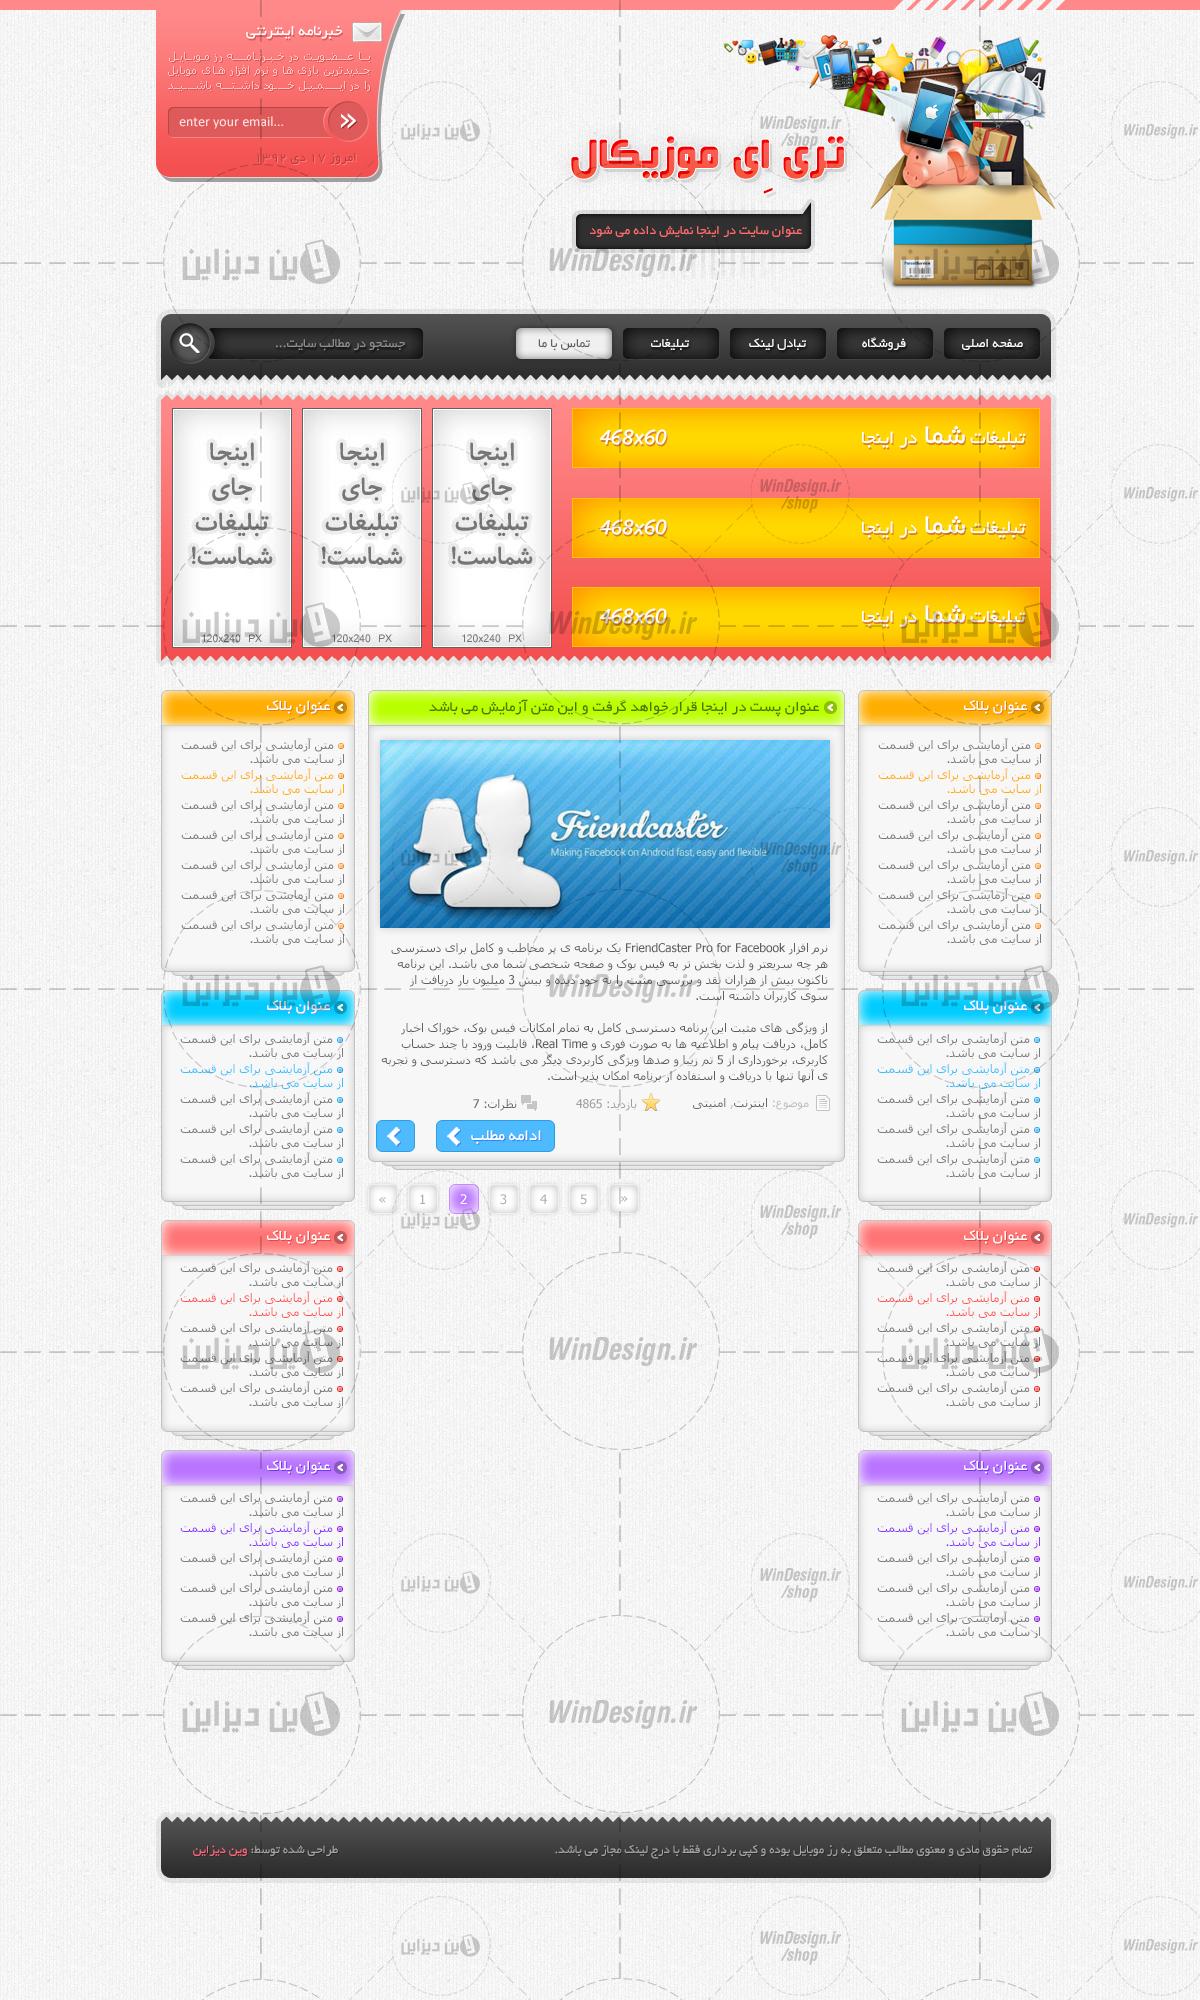 فروش قالب سایت اندروید و موبایلپیش نمایش قالب فروش قالب سایت اندروید و موبایل ...